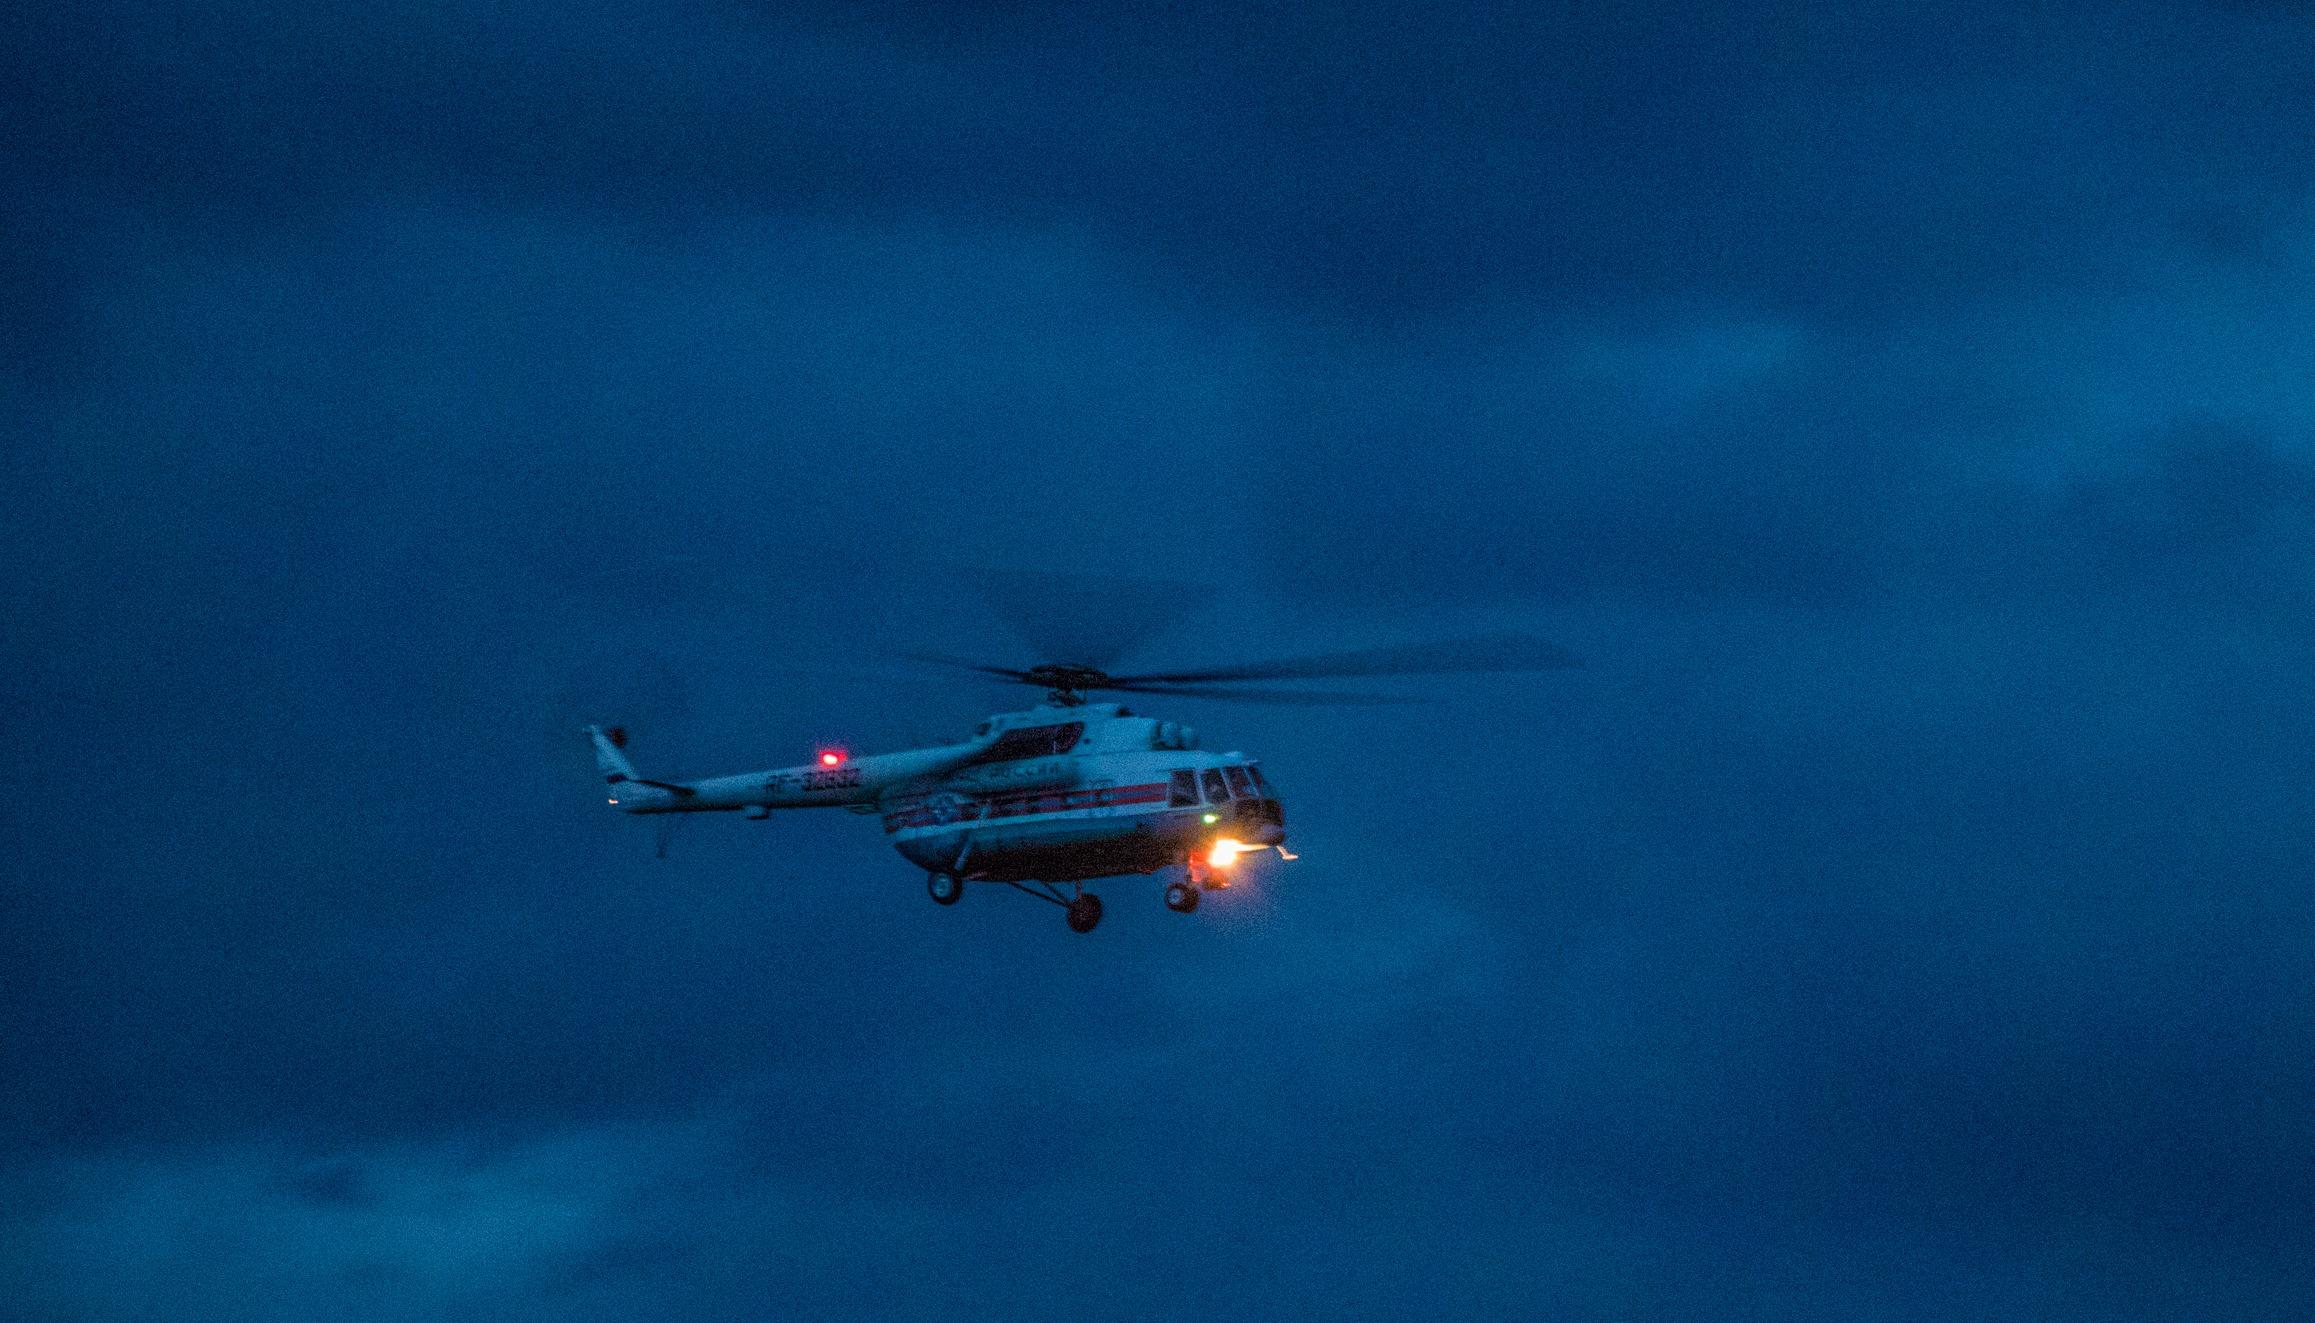 В Тверской области вертолёт спасателей экстренно доставил ребёнка в больницу